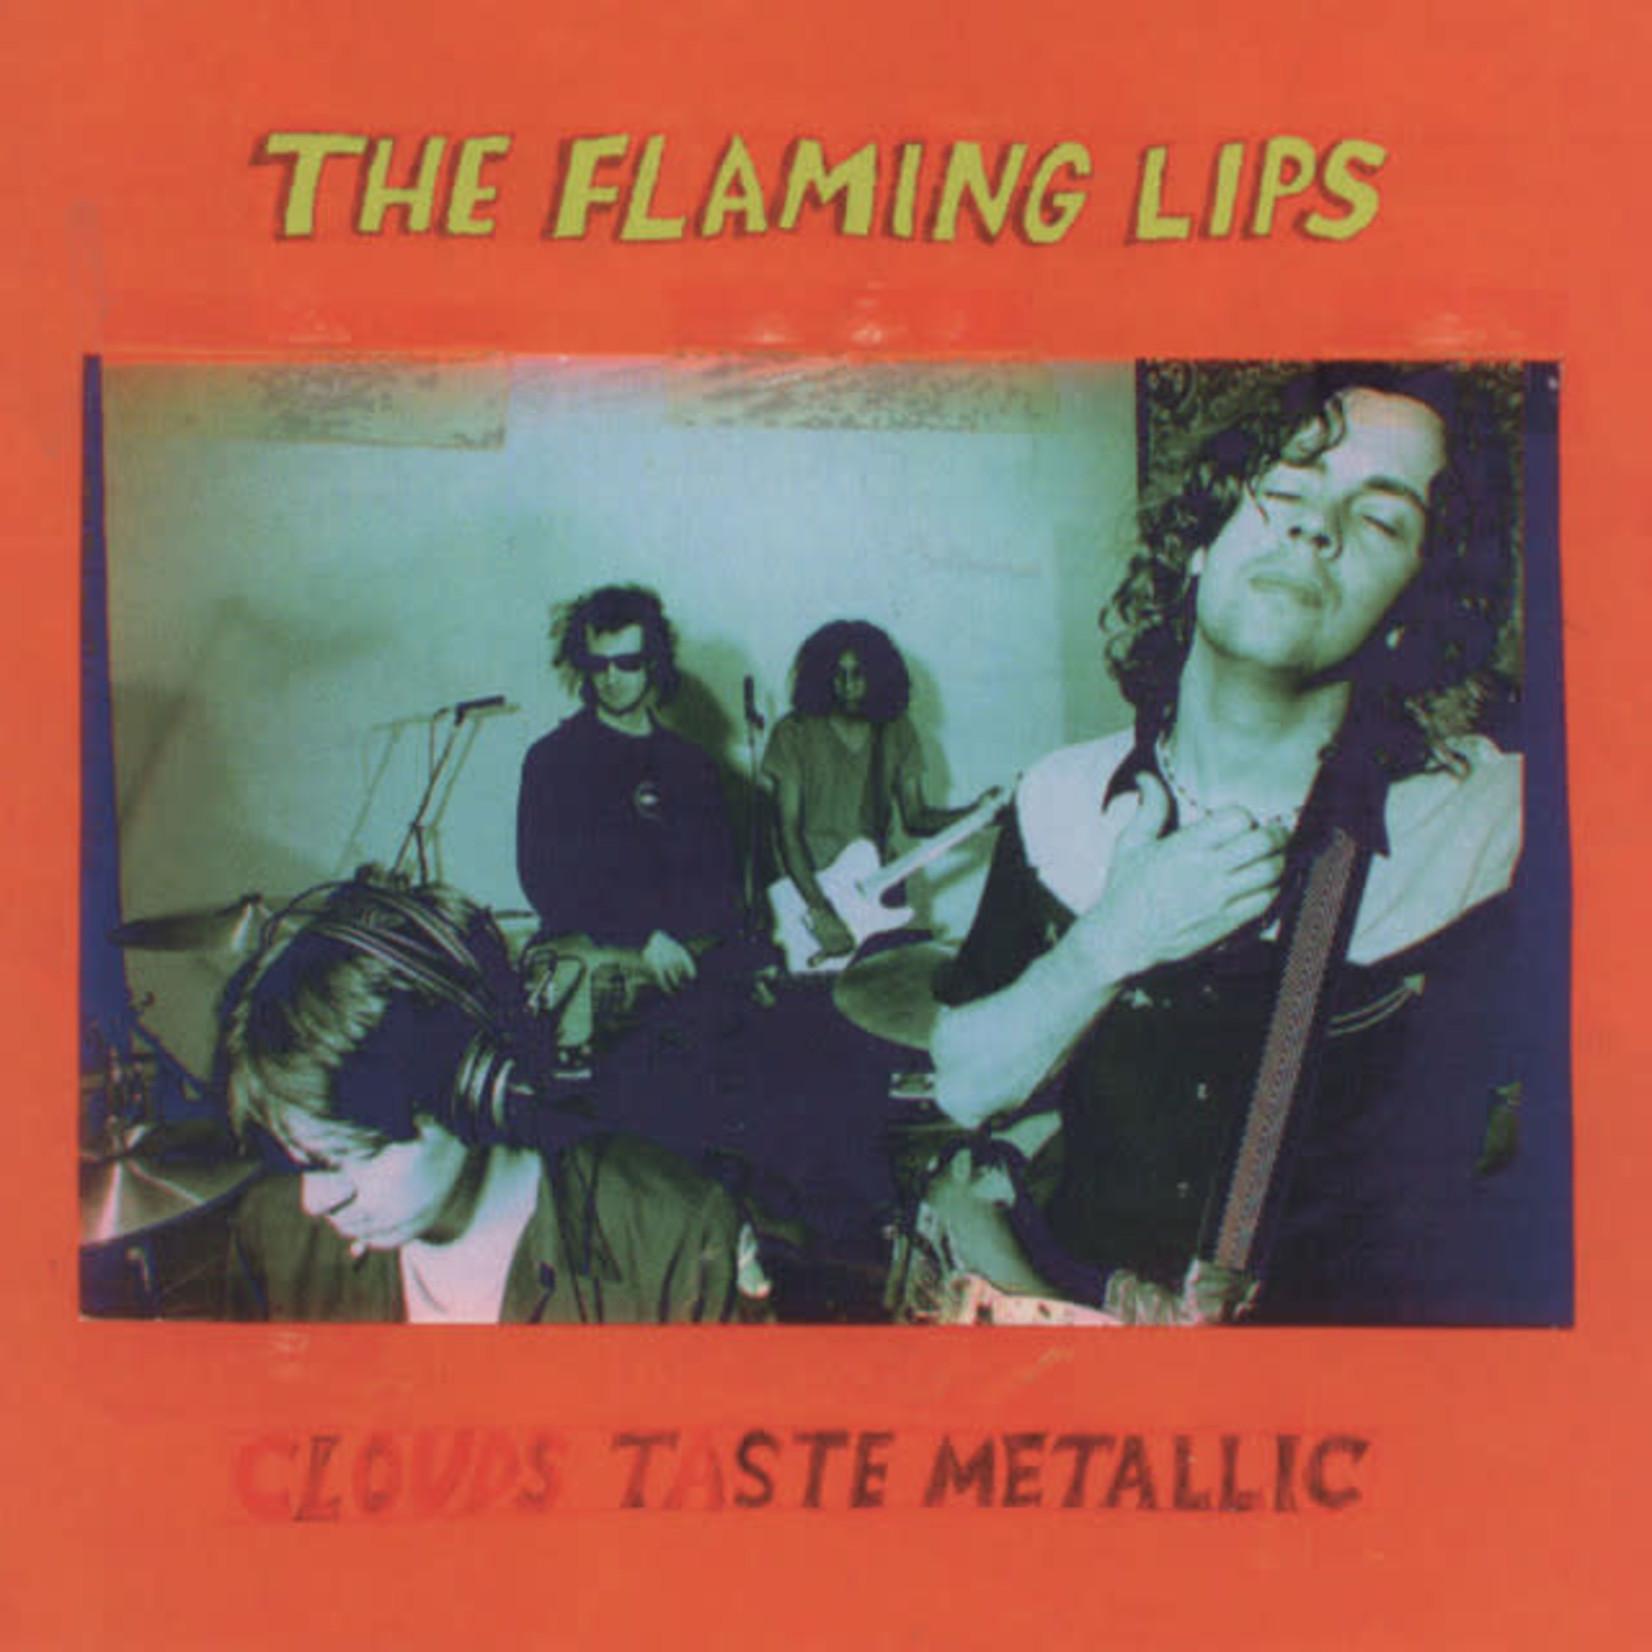 Vinyl The Flaming Lips - Clouds Taste Metallic